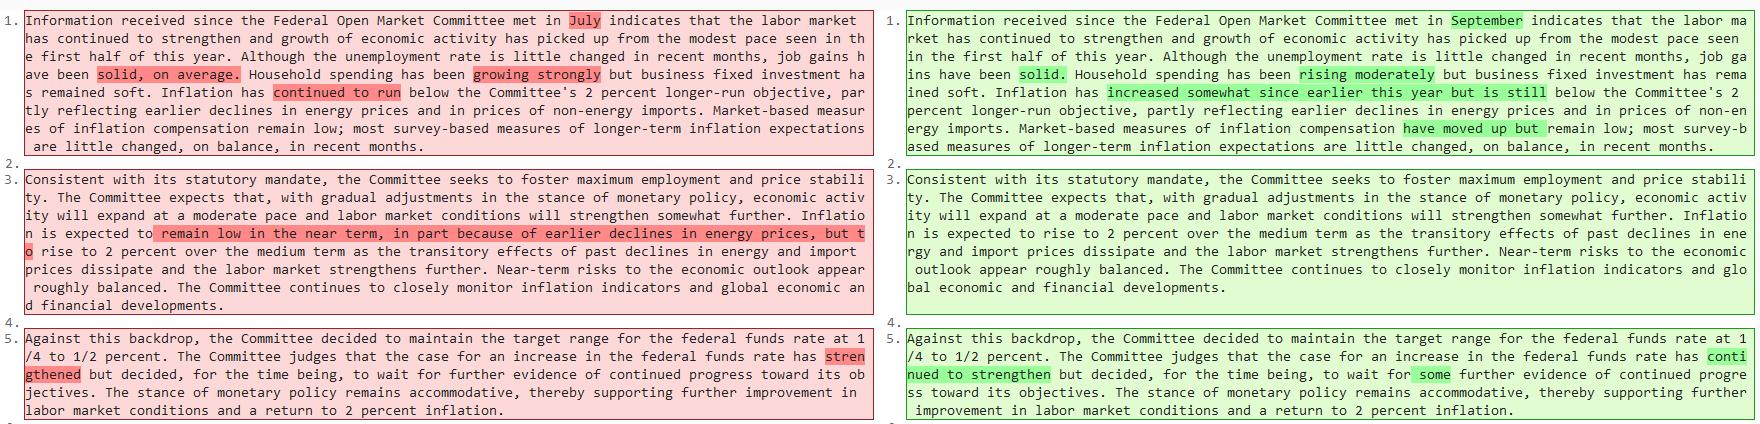 Porównanie dwóch ostatnich oświadczeń FOMC